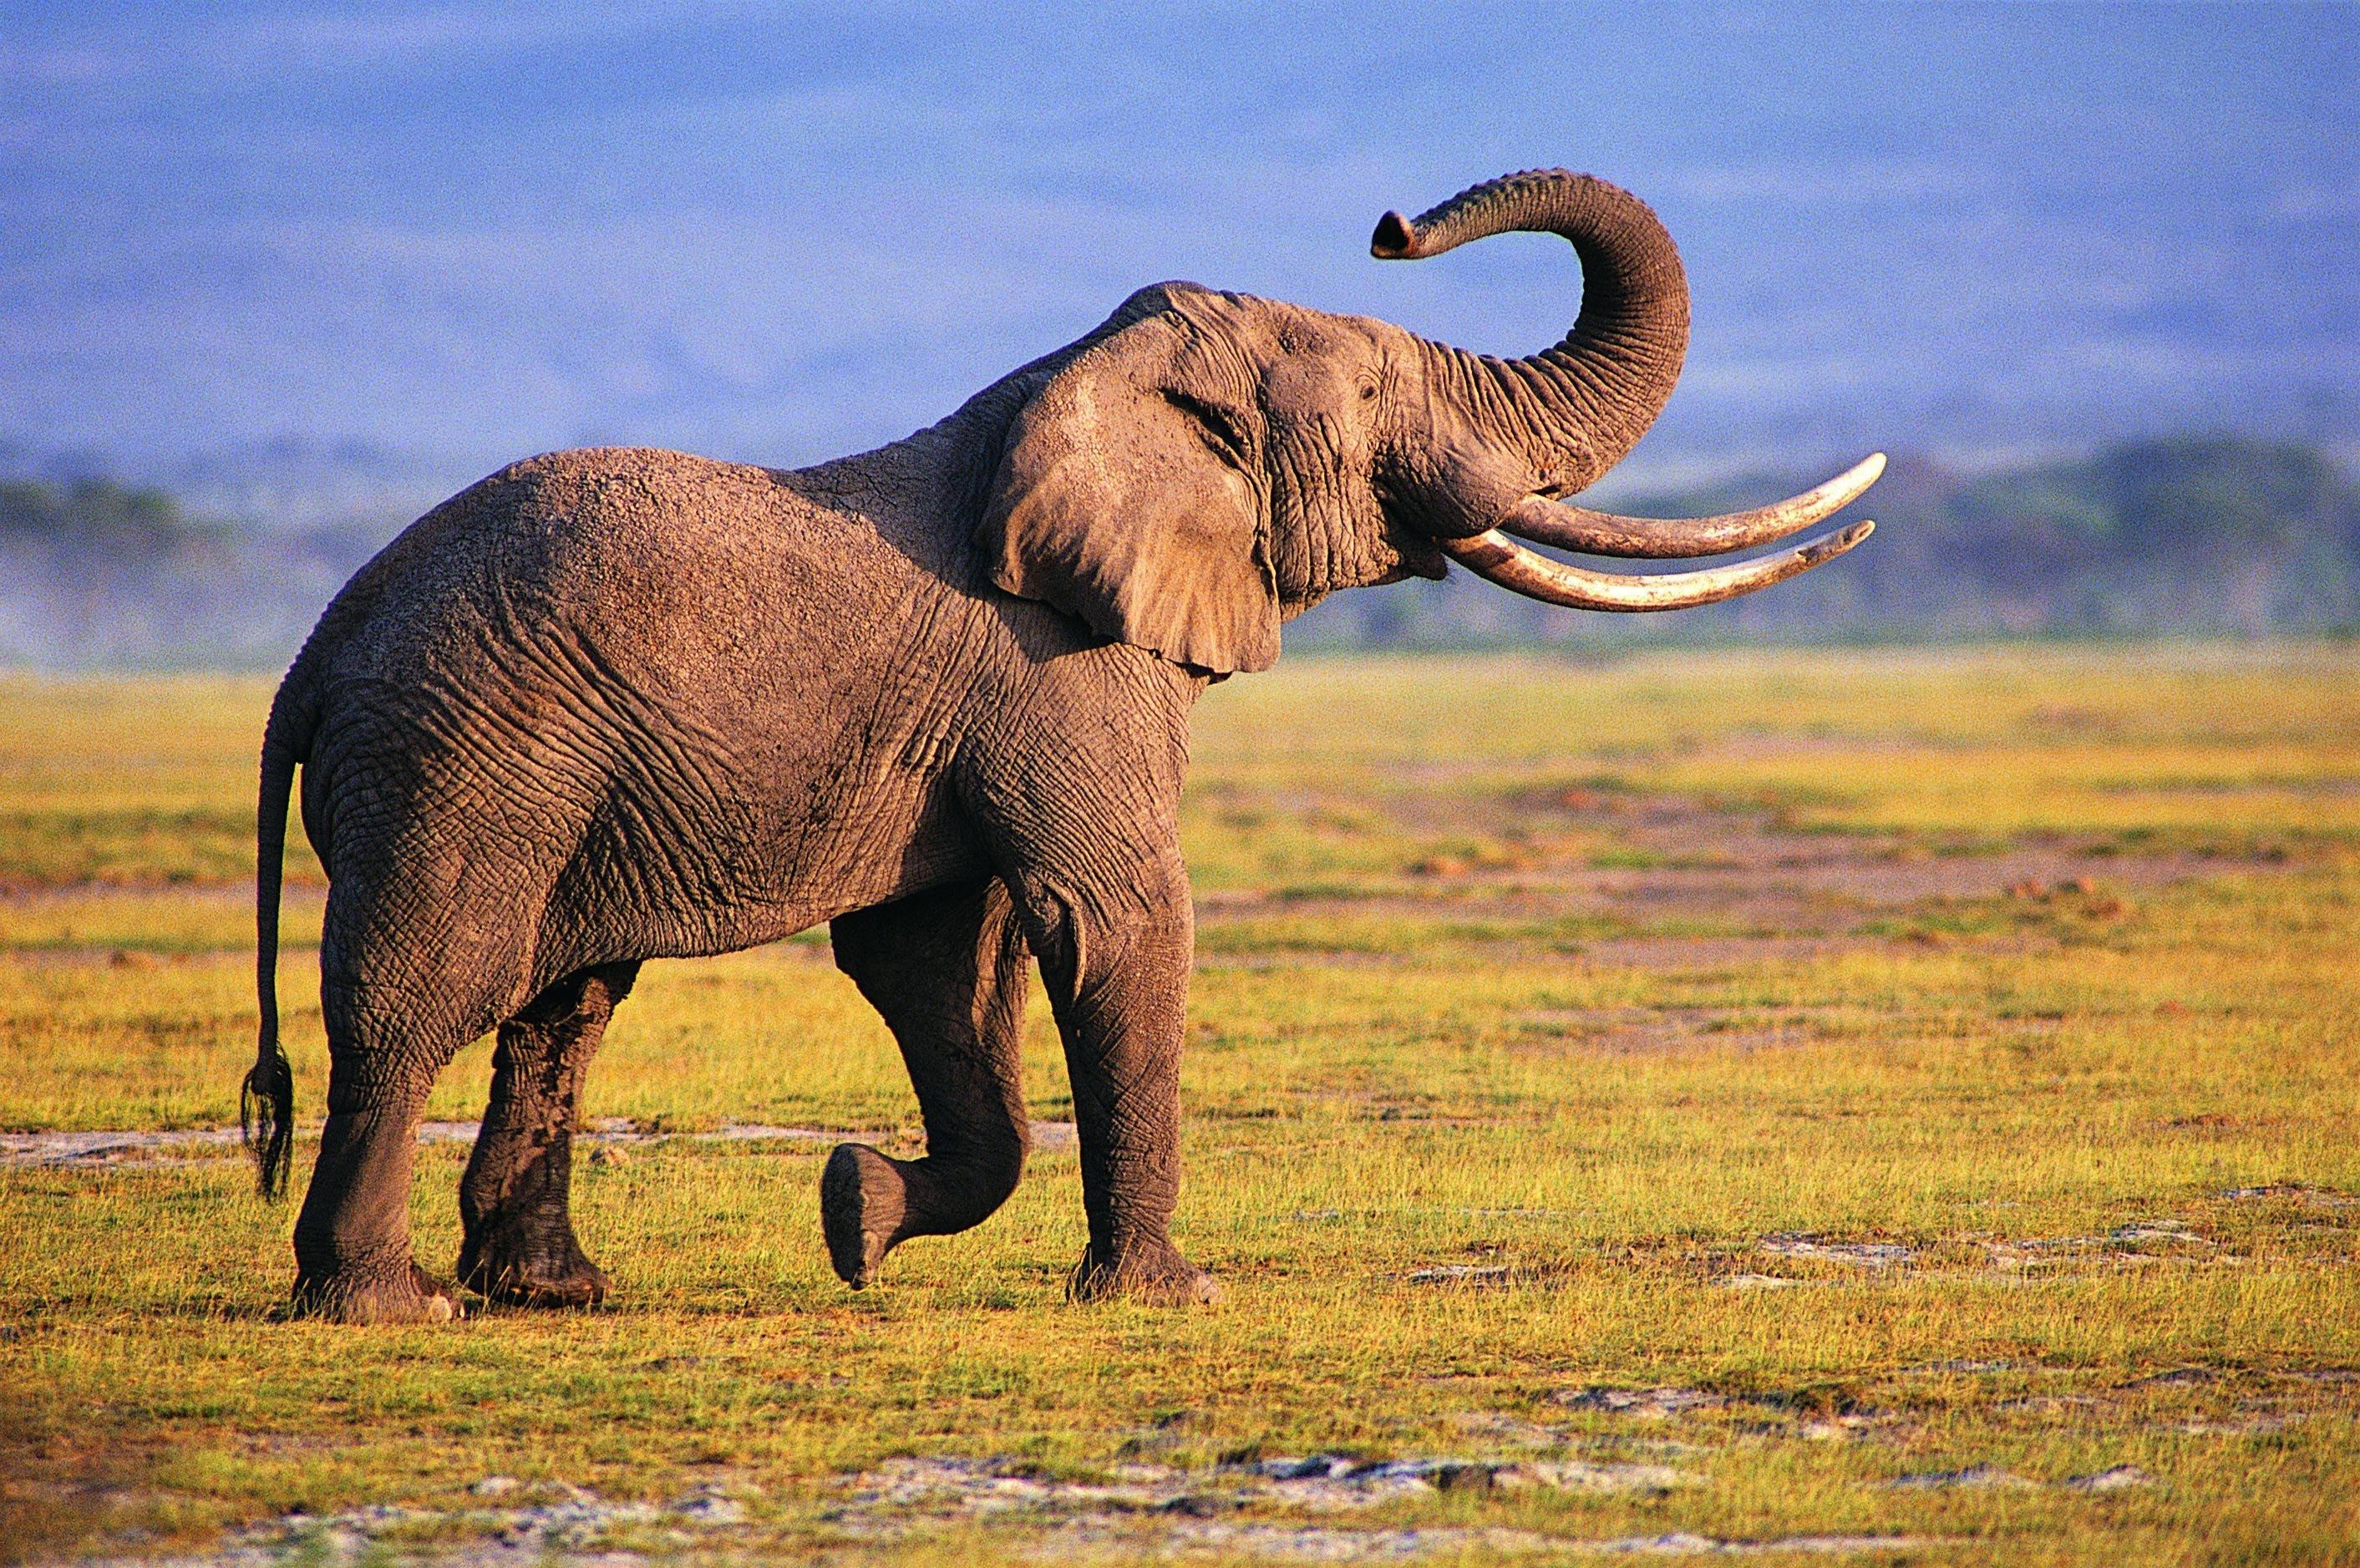 elephant new photos